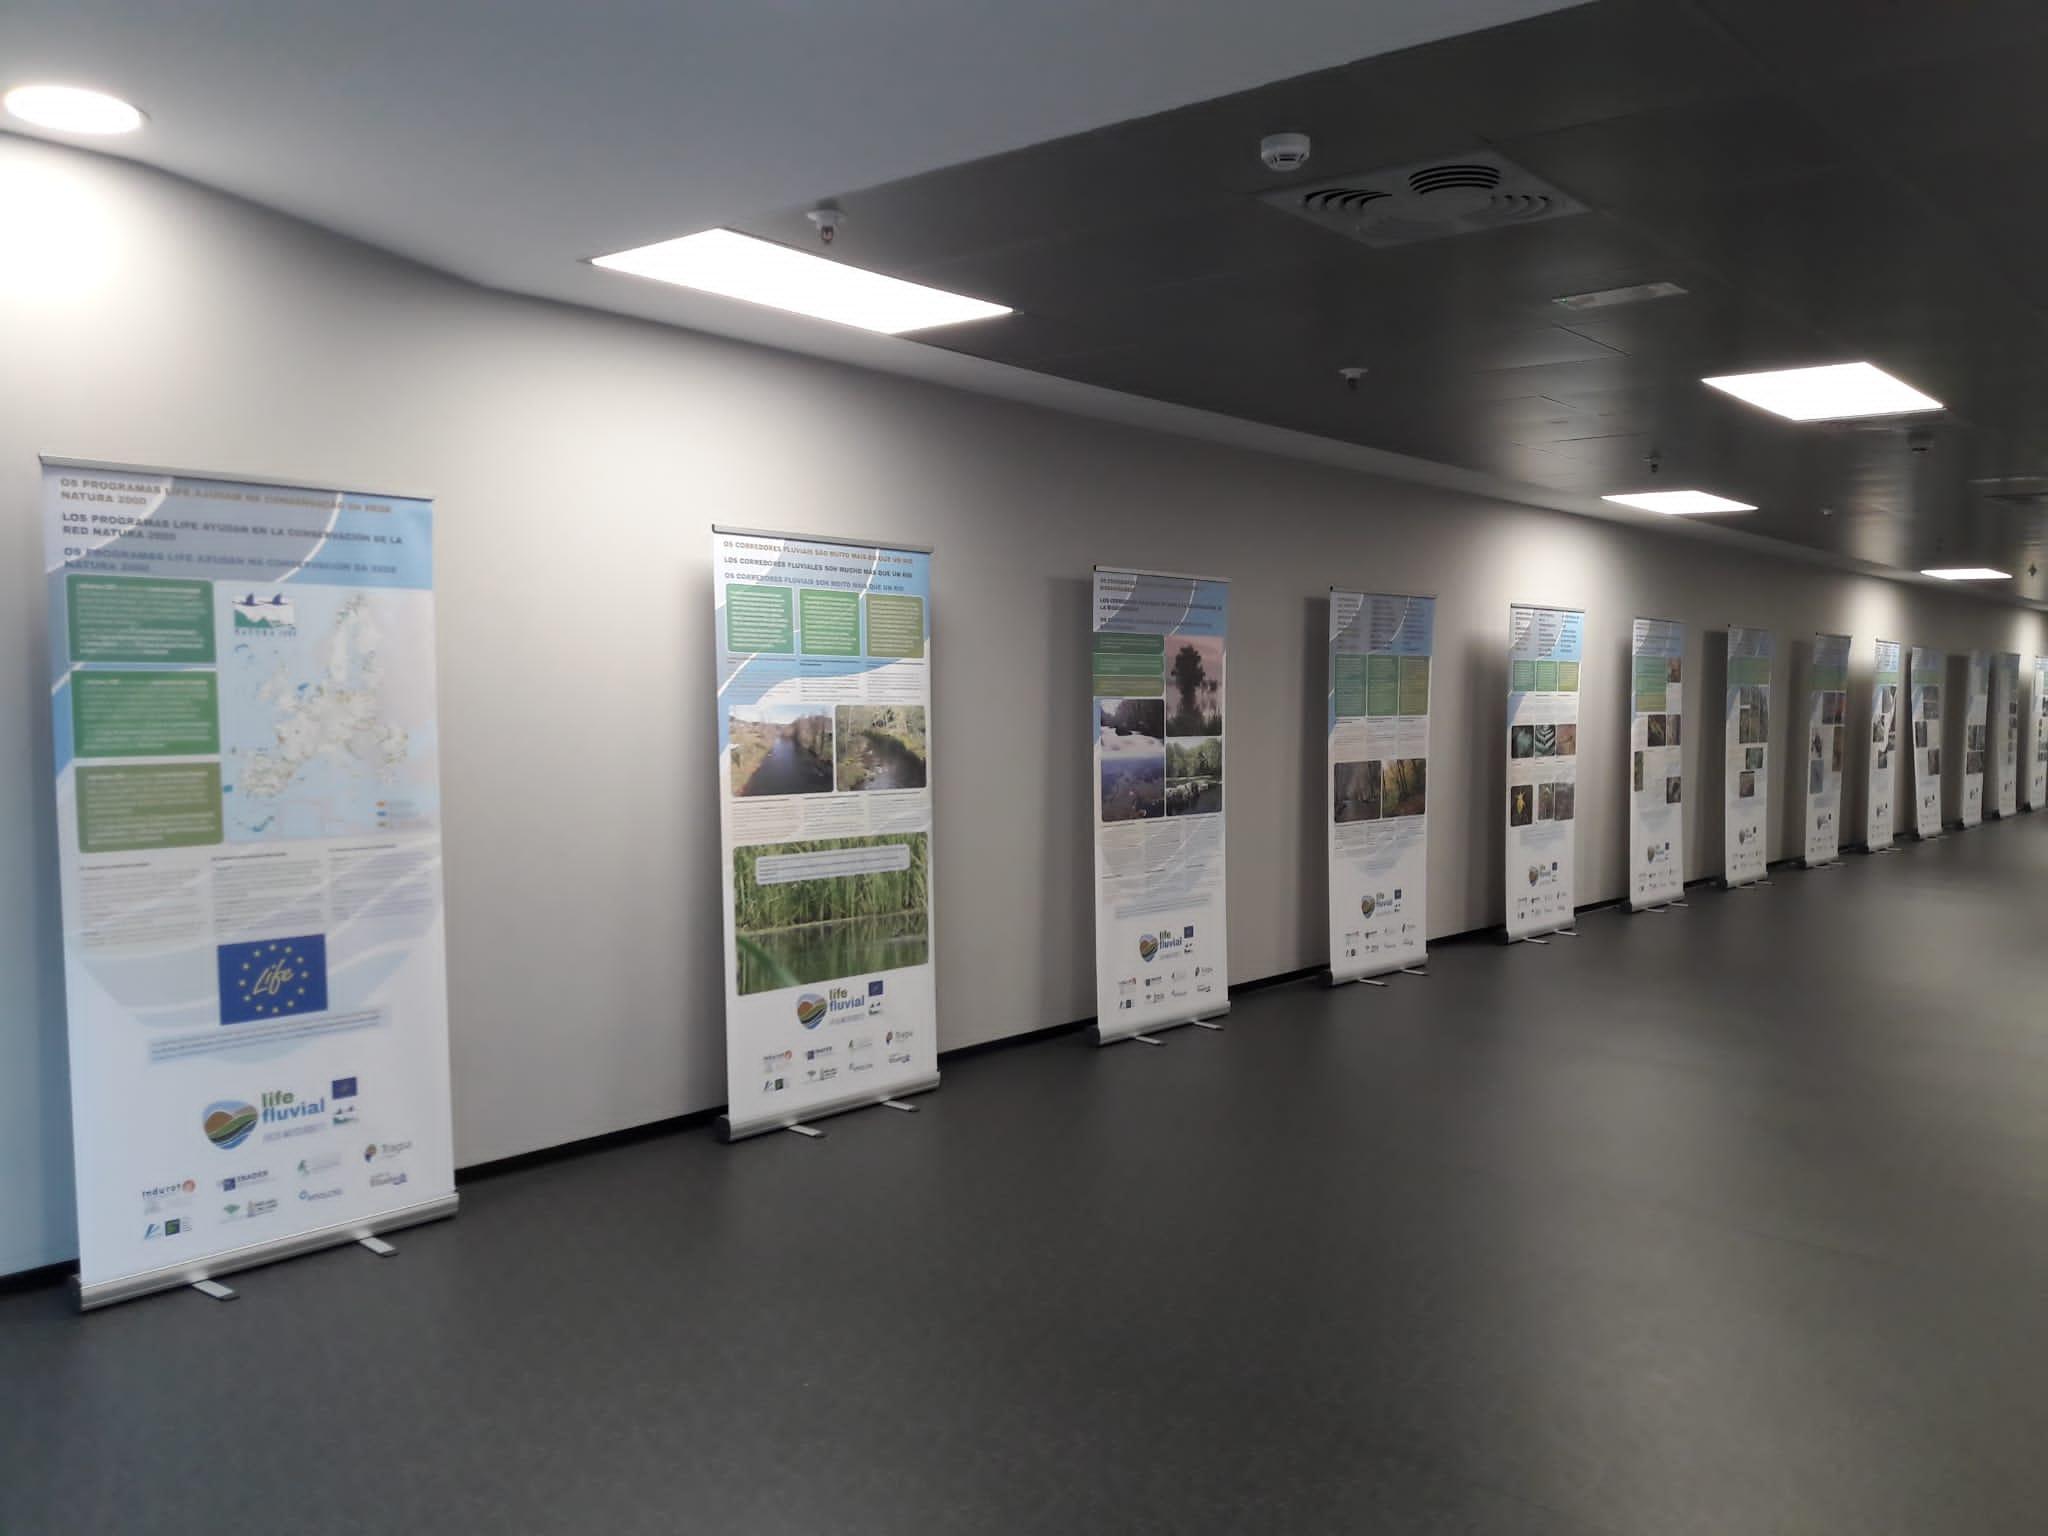 Presentación de la exposición itinerante LIFE Fluvial en EMALCSA